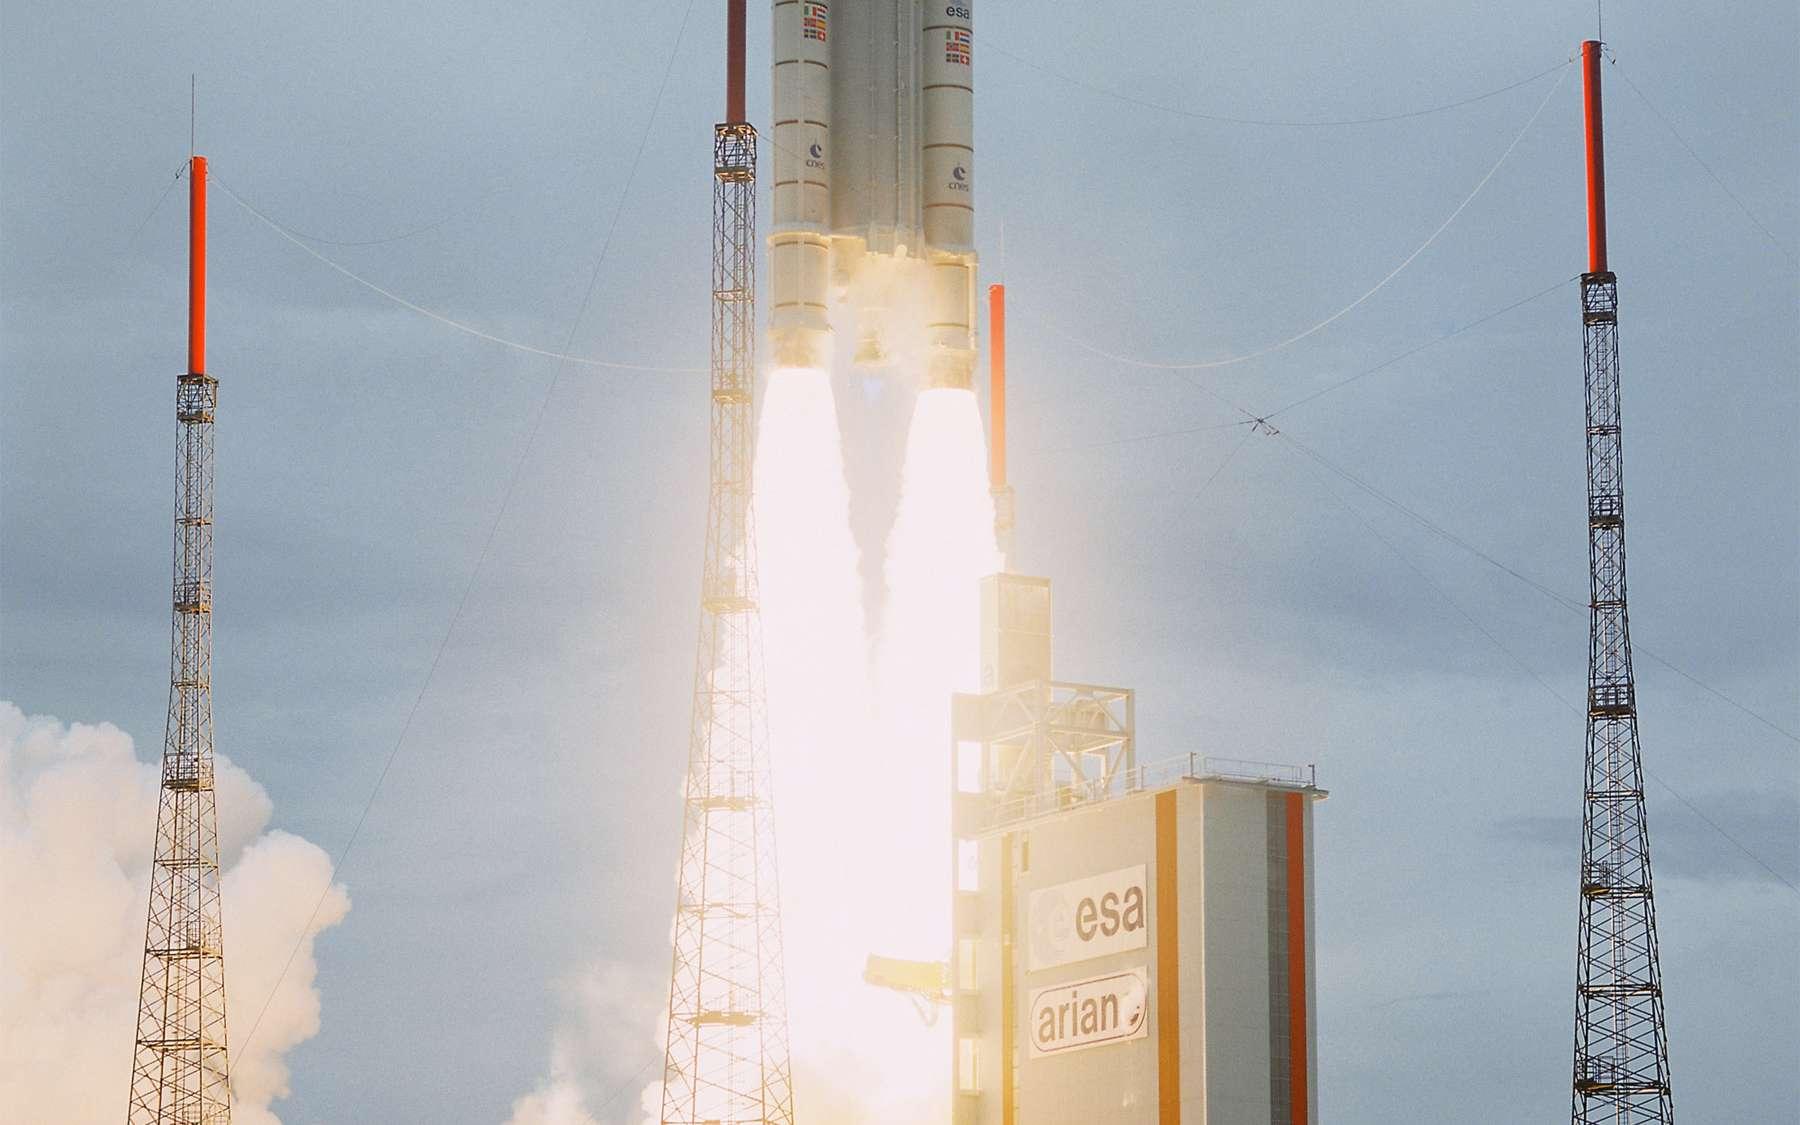 © 2009/Esa/Cnes/Arianespace & Photo Optique Video CSG